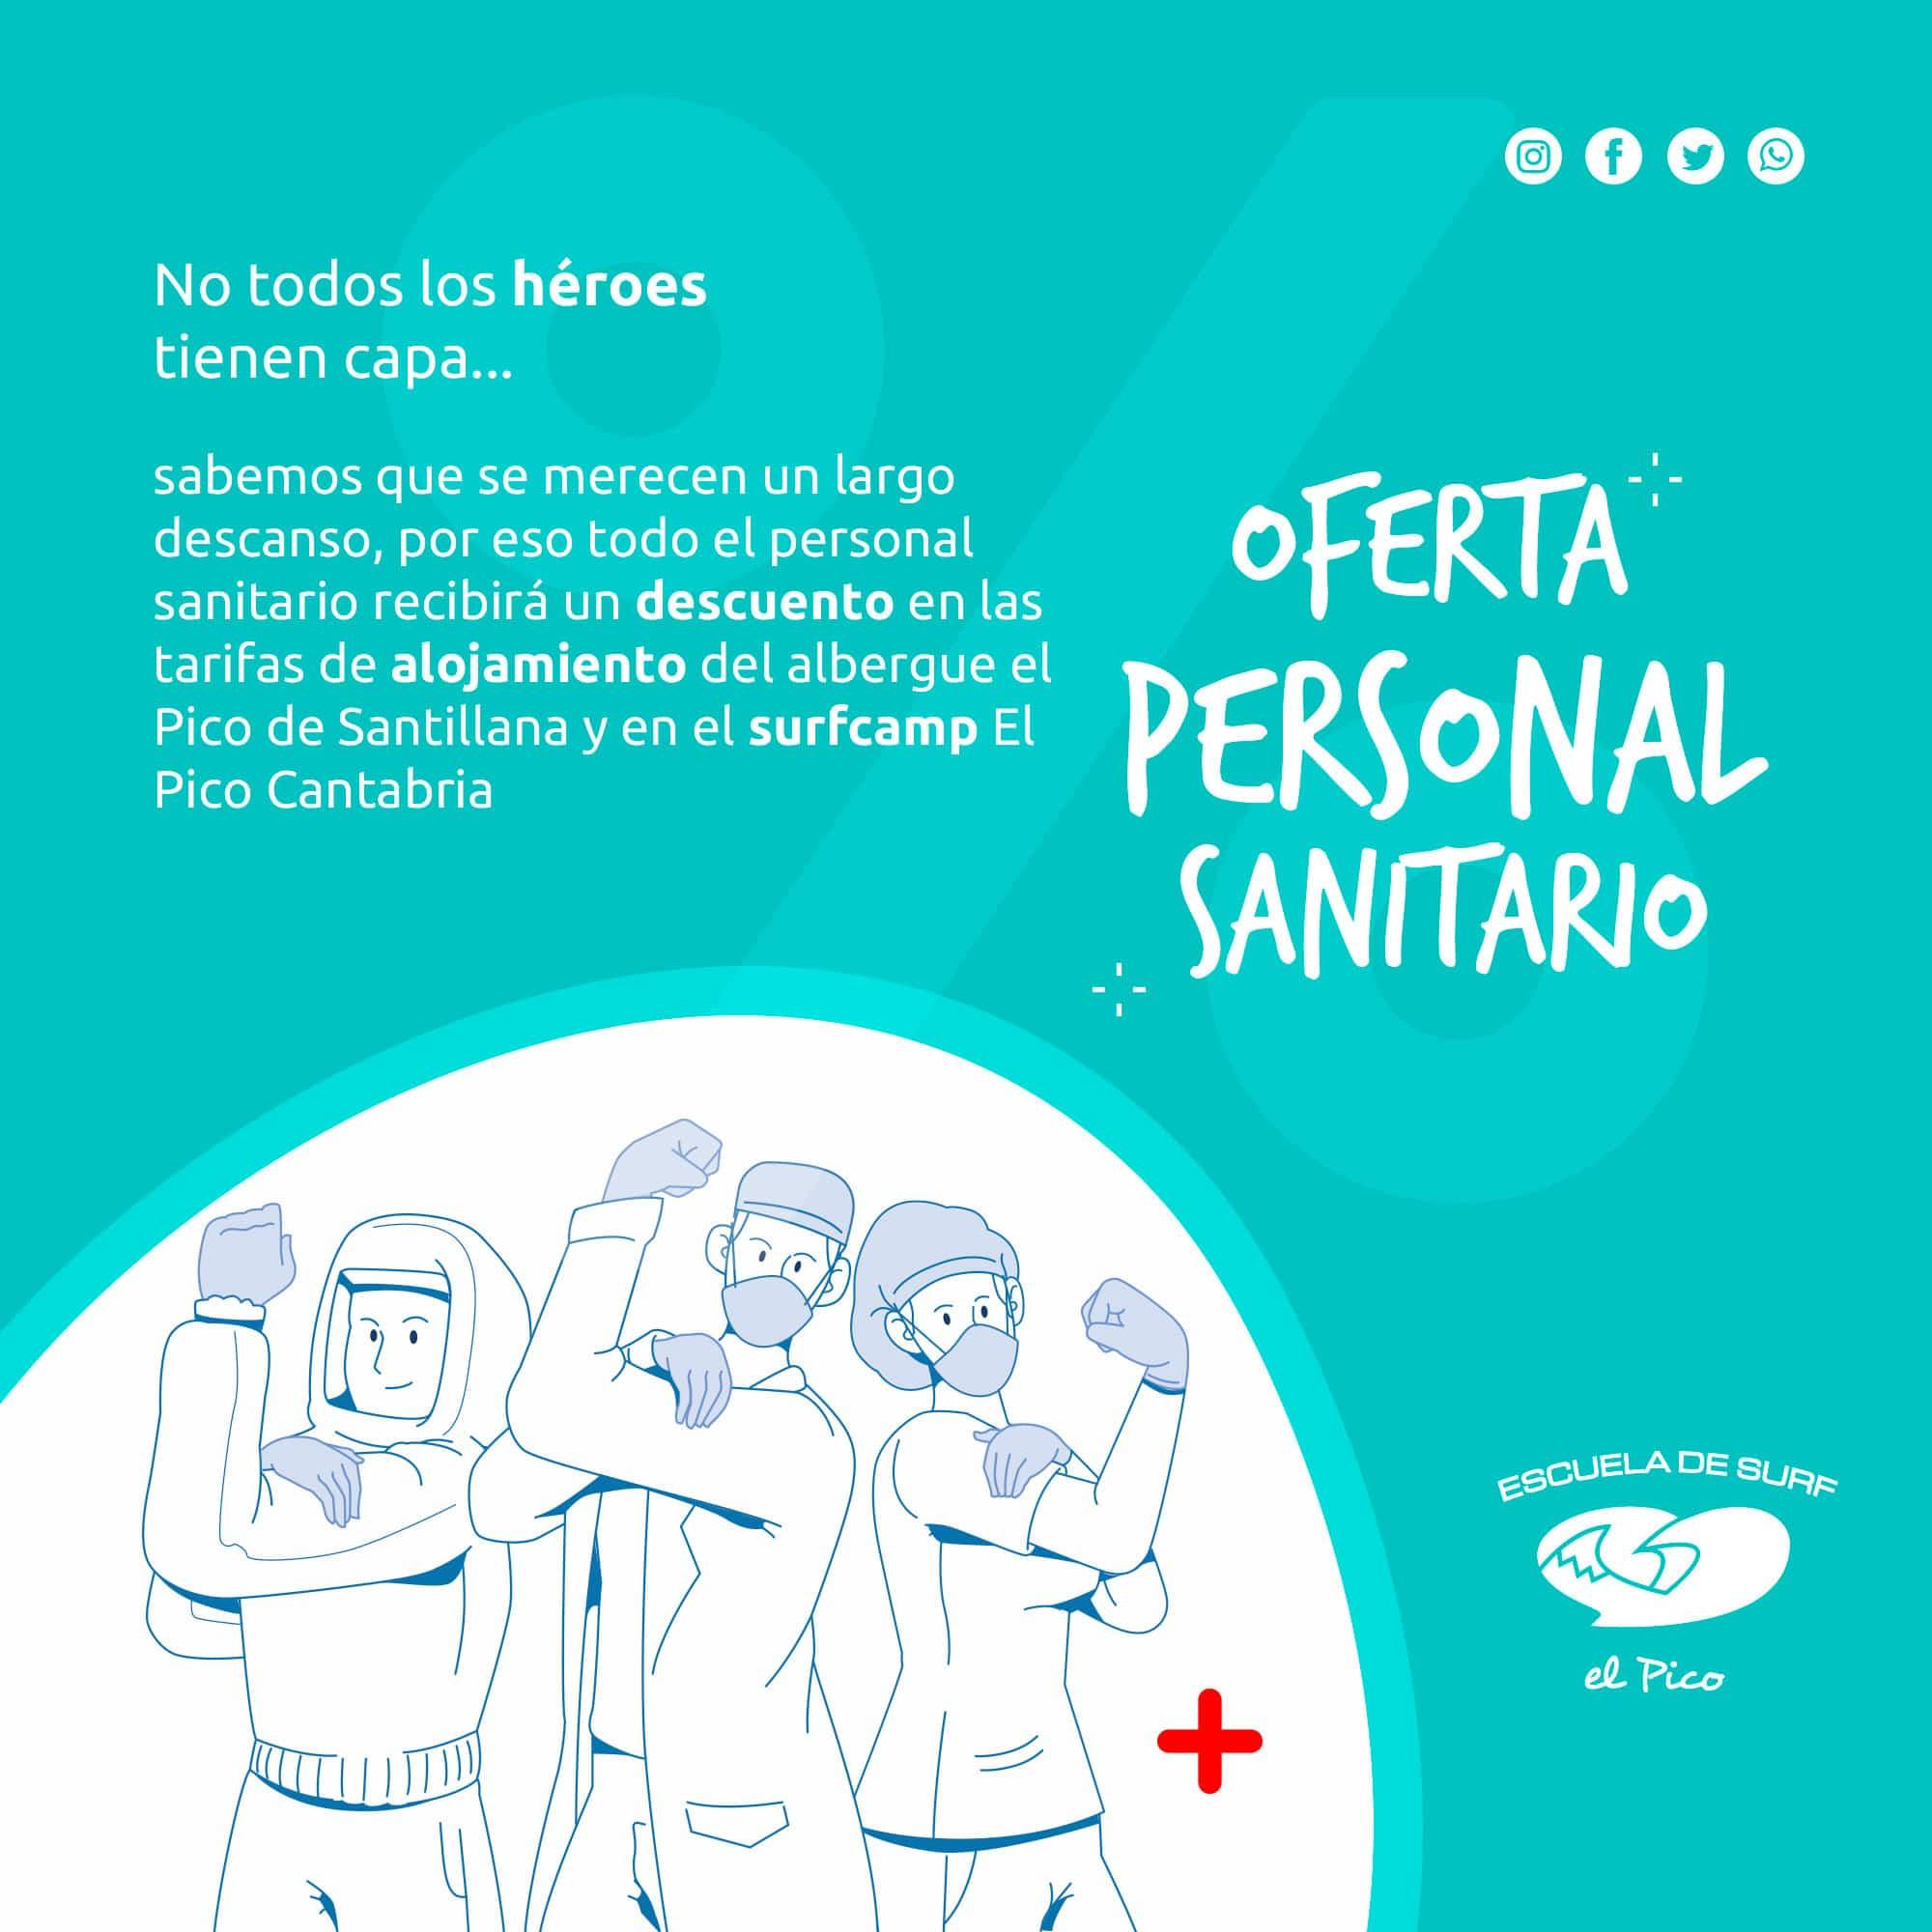 Descuento para personal sanitario